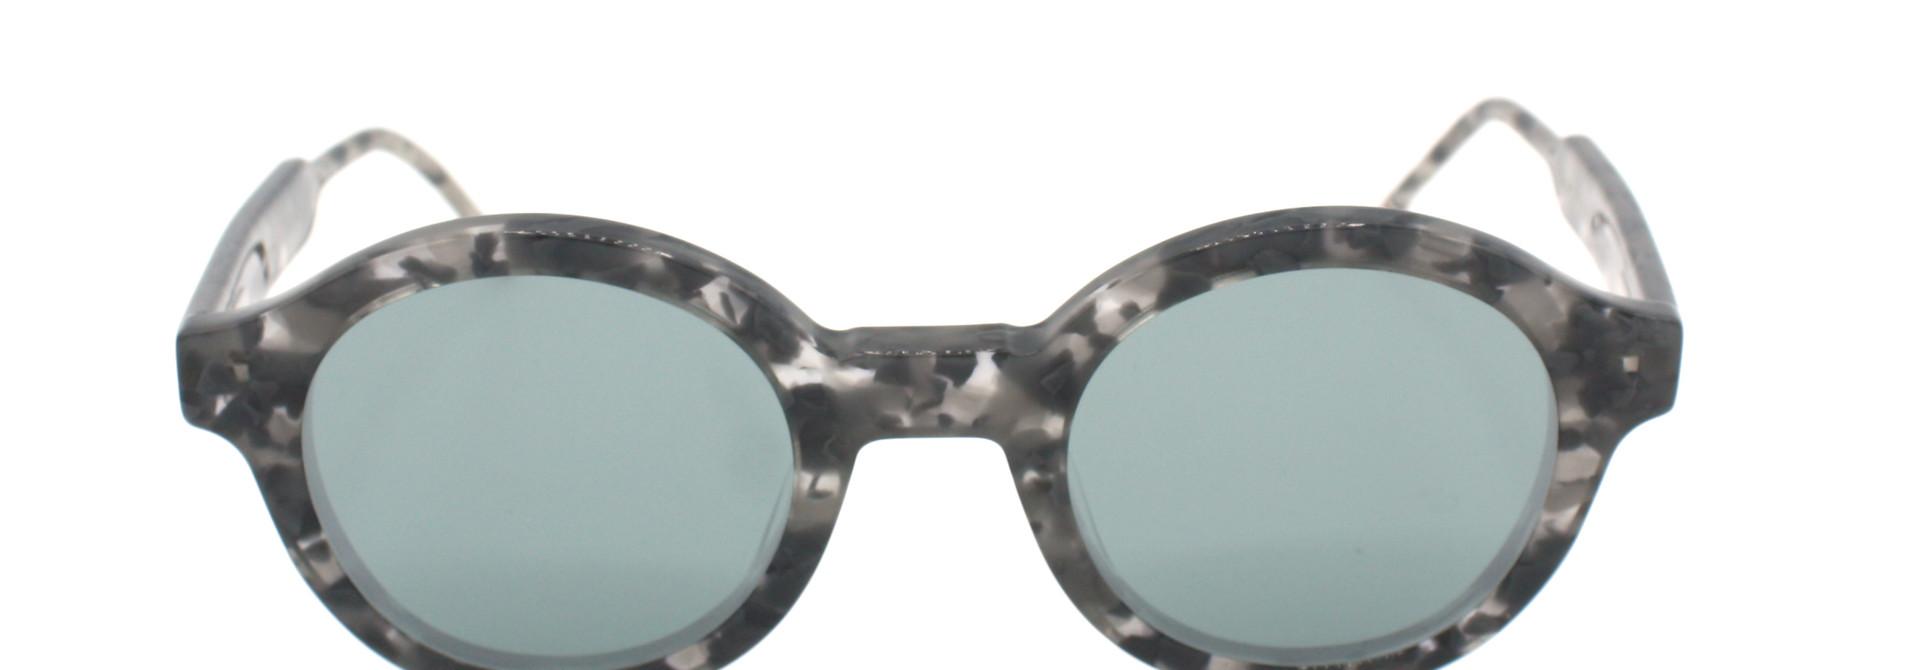 Thom Browne - TBS411-47-03 - TB-411 // Grey Tortoise w/ Dark Grey - Silver Flash Mirror - AR